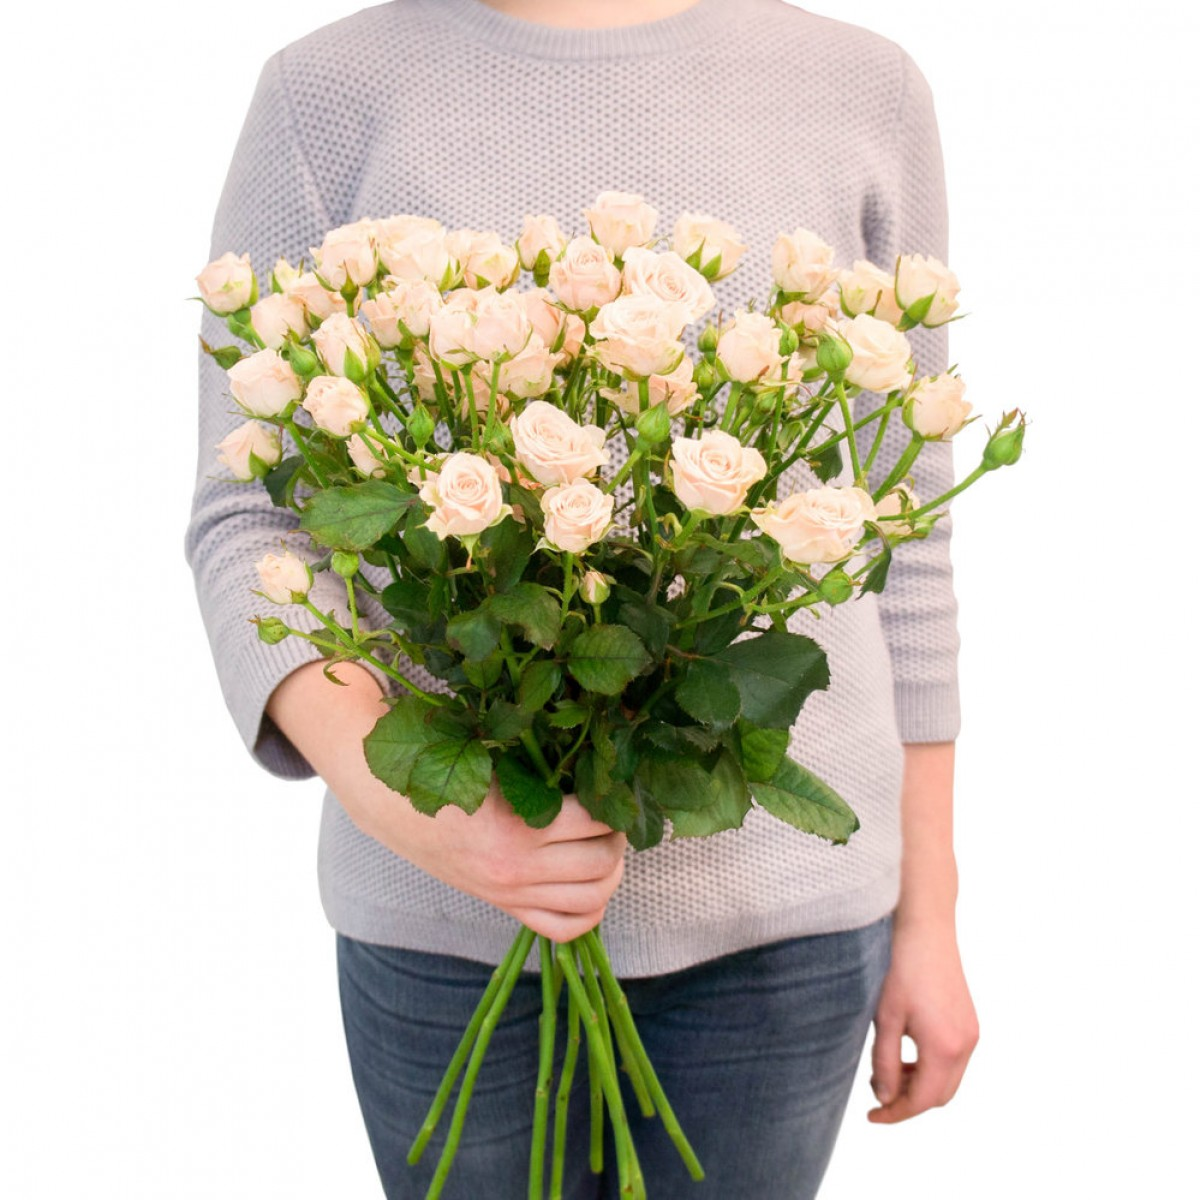 Букет от 11 до 15 кремави спрей рози (ти избираш броя)